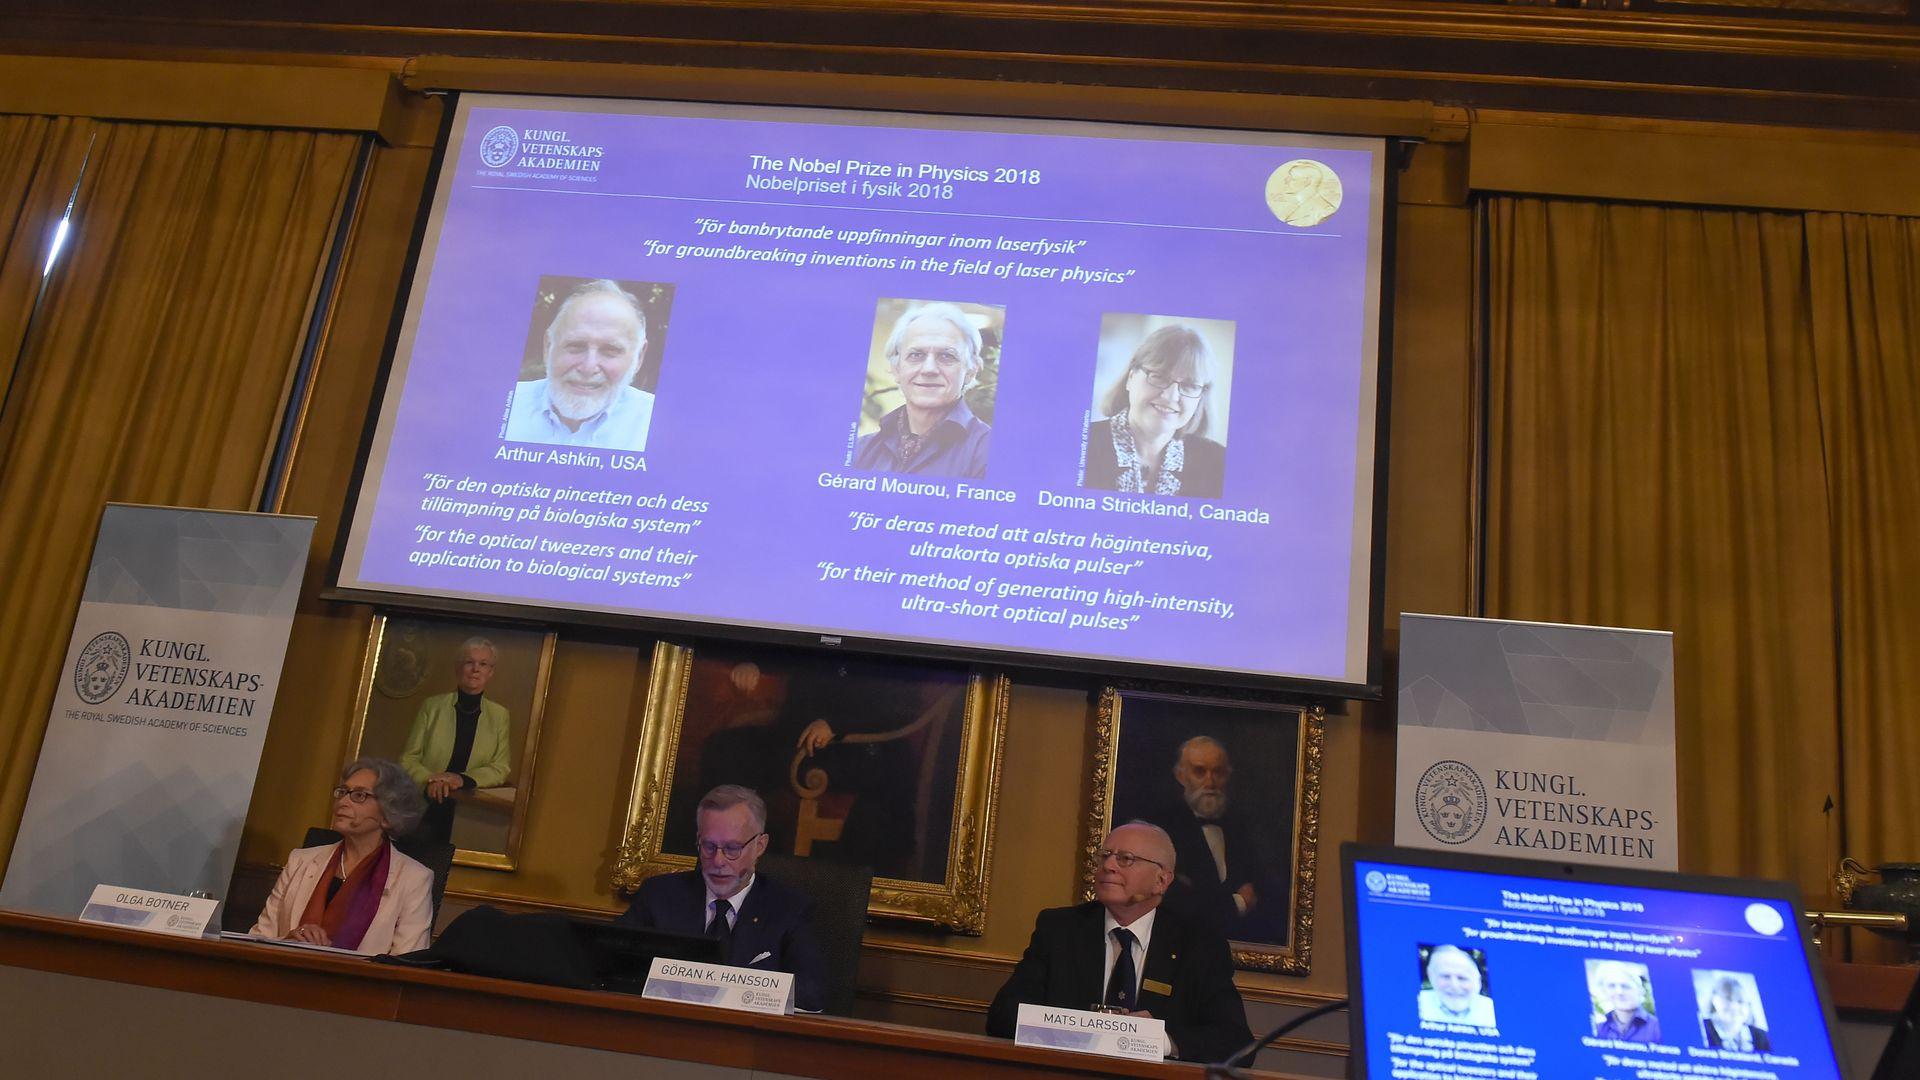 Nobel presenters